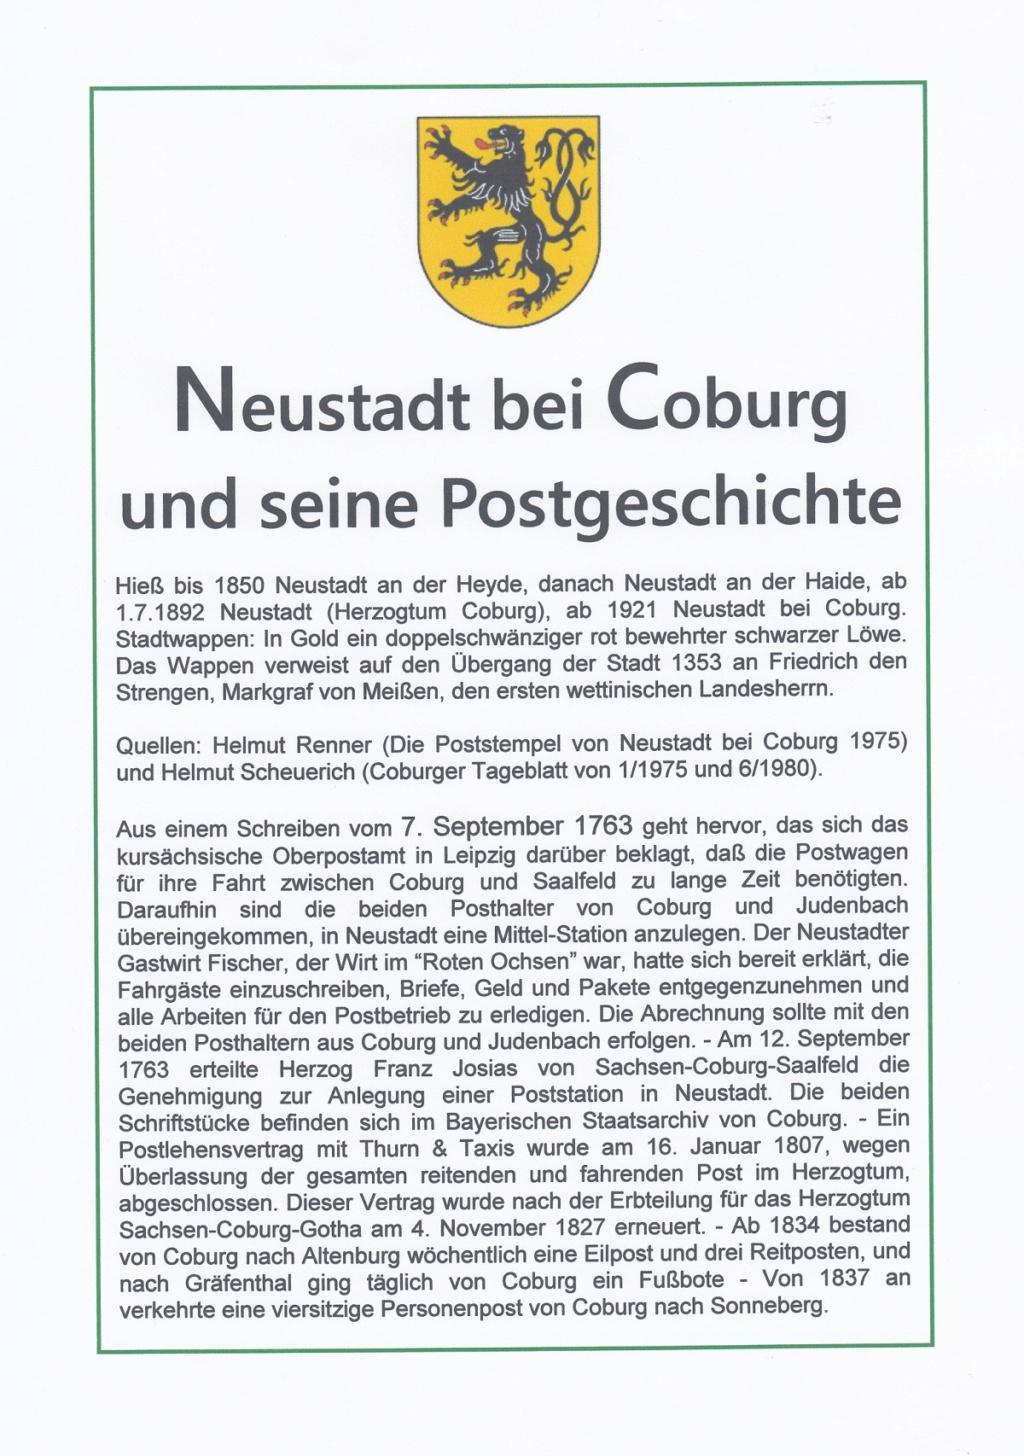 Die Postgeschichte von Neustadt bei Coburg Nec510